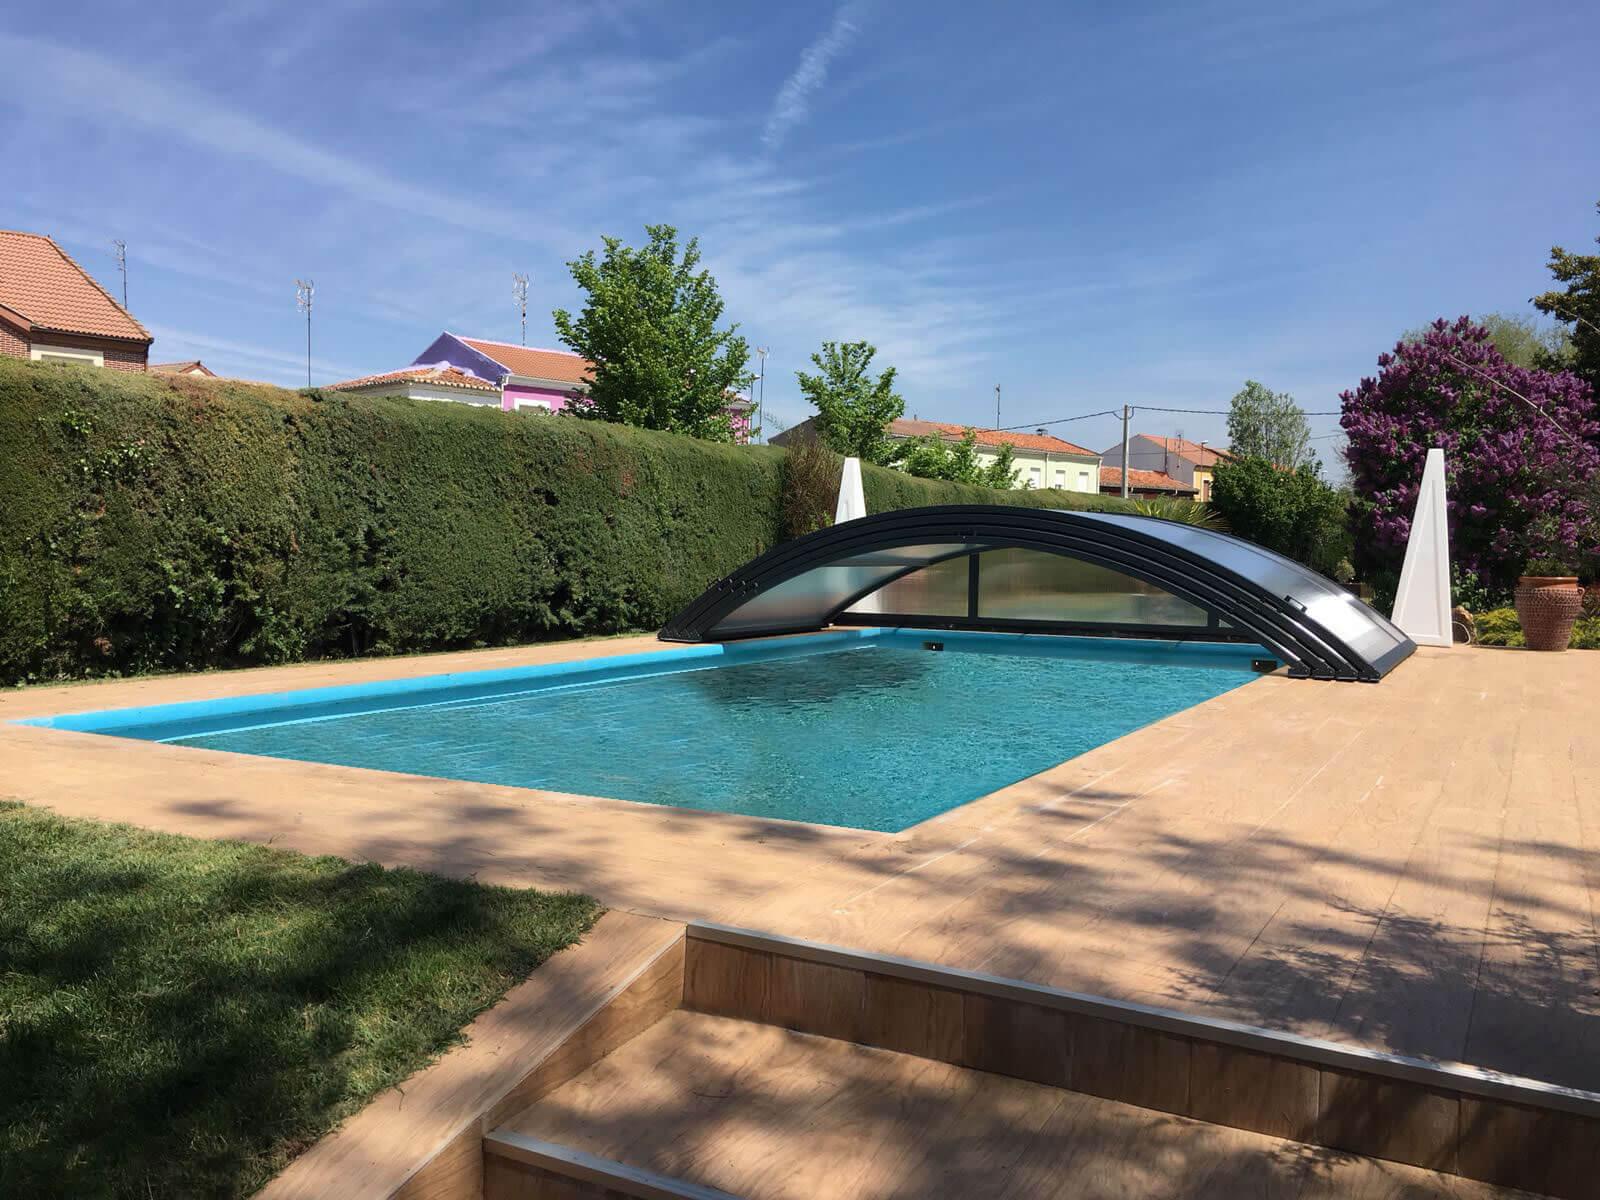 Cubierta Teide: Cerramiento telescópico y bajo para piscina en Logroño